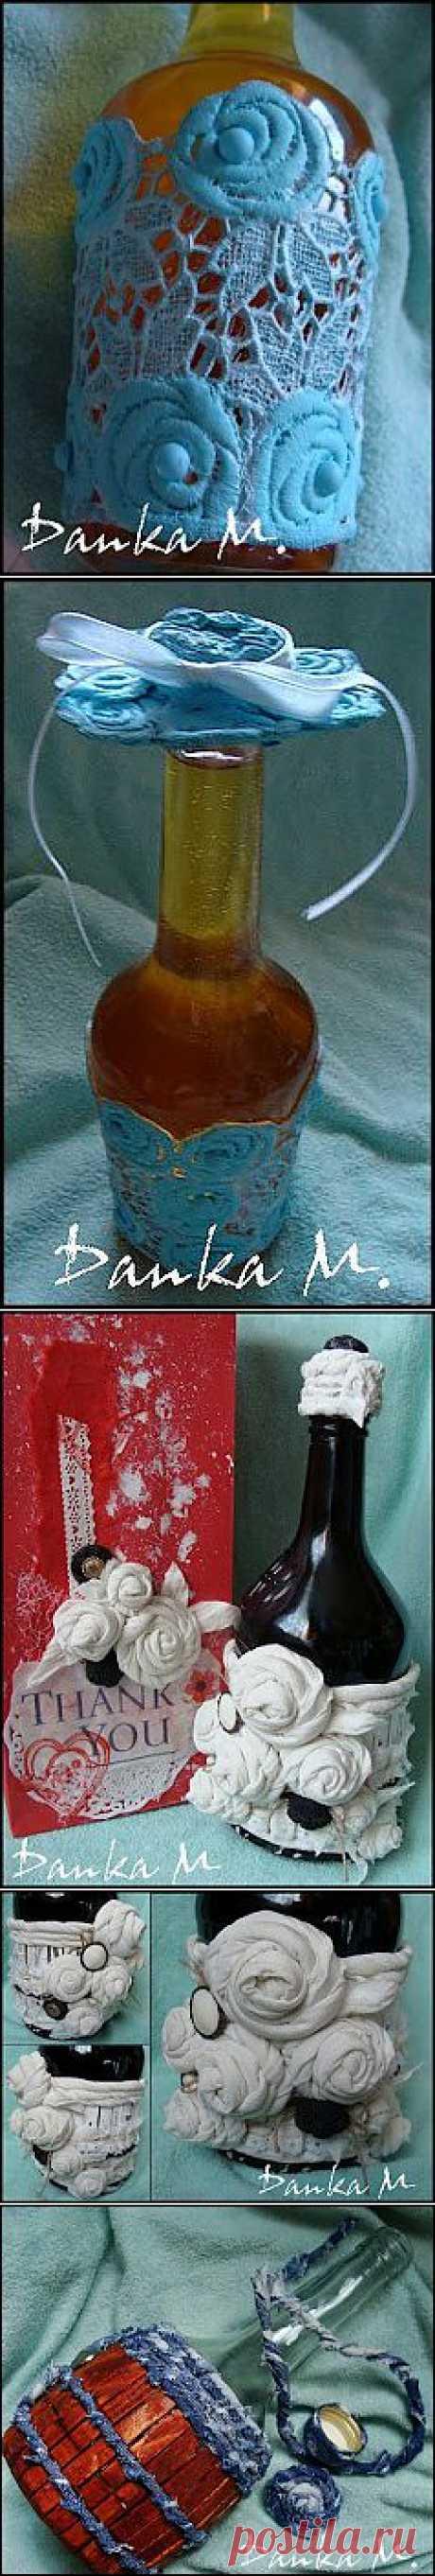 Декорирование бутылок отходами ткани и кружевом. | ШТОРЫ, ЛАМБРЕКЕНЫ, ДОМАШНИЙ ТЕКСТИЛЬ СВОИМИ РУКАМИ